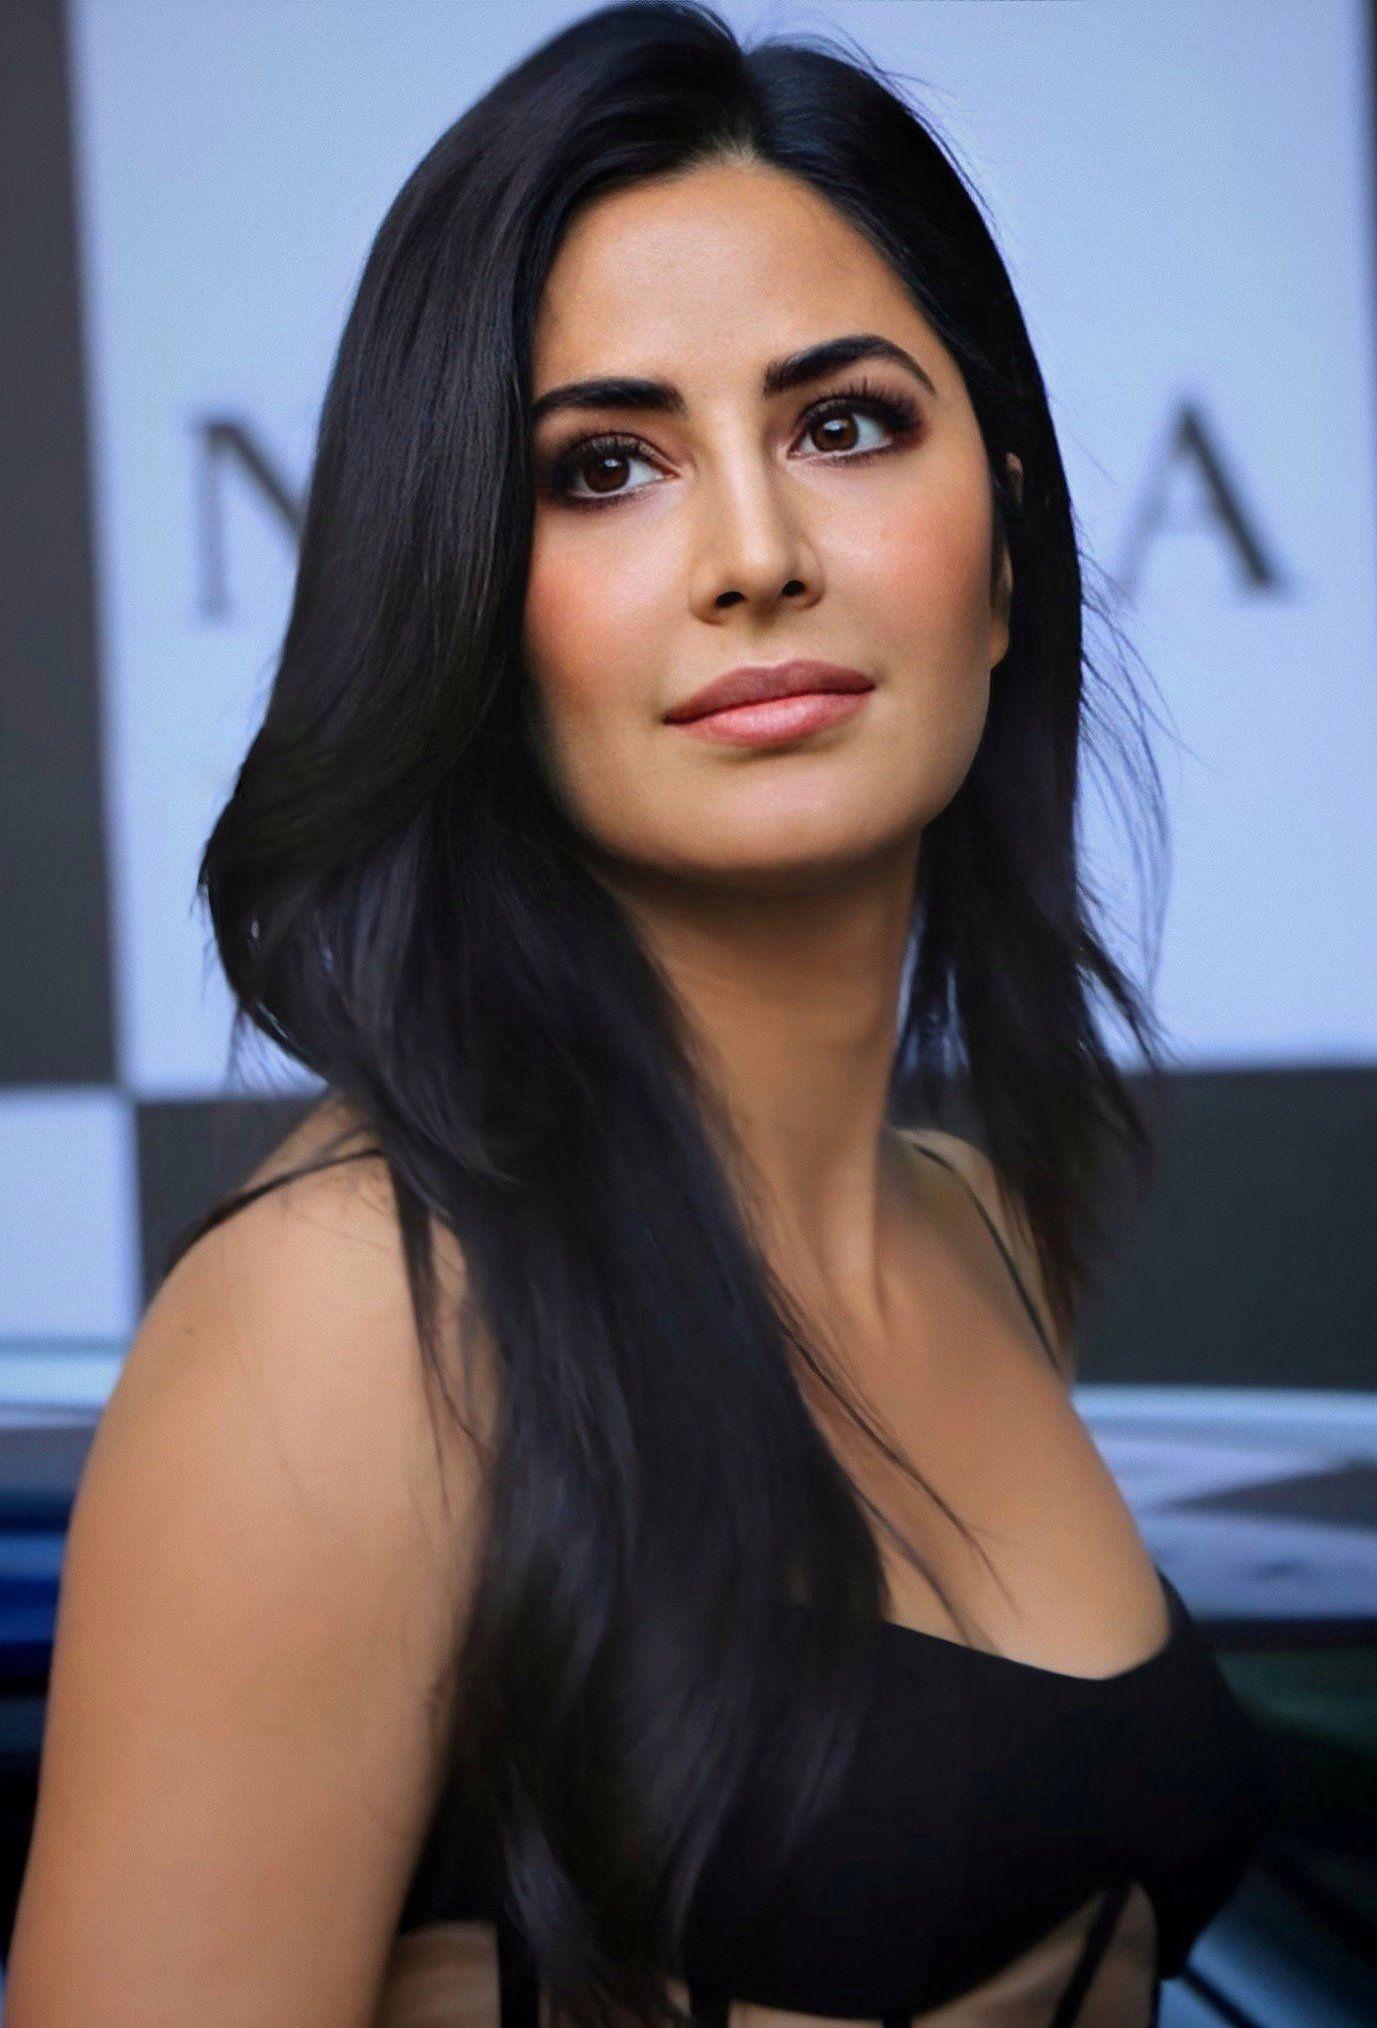 Pin By Hamiid On Akd In 2020 Katrina Kaif Photo Actresses With Black Hair Katrina Kaif Hot Pics